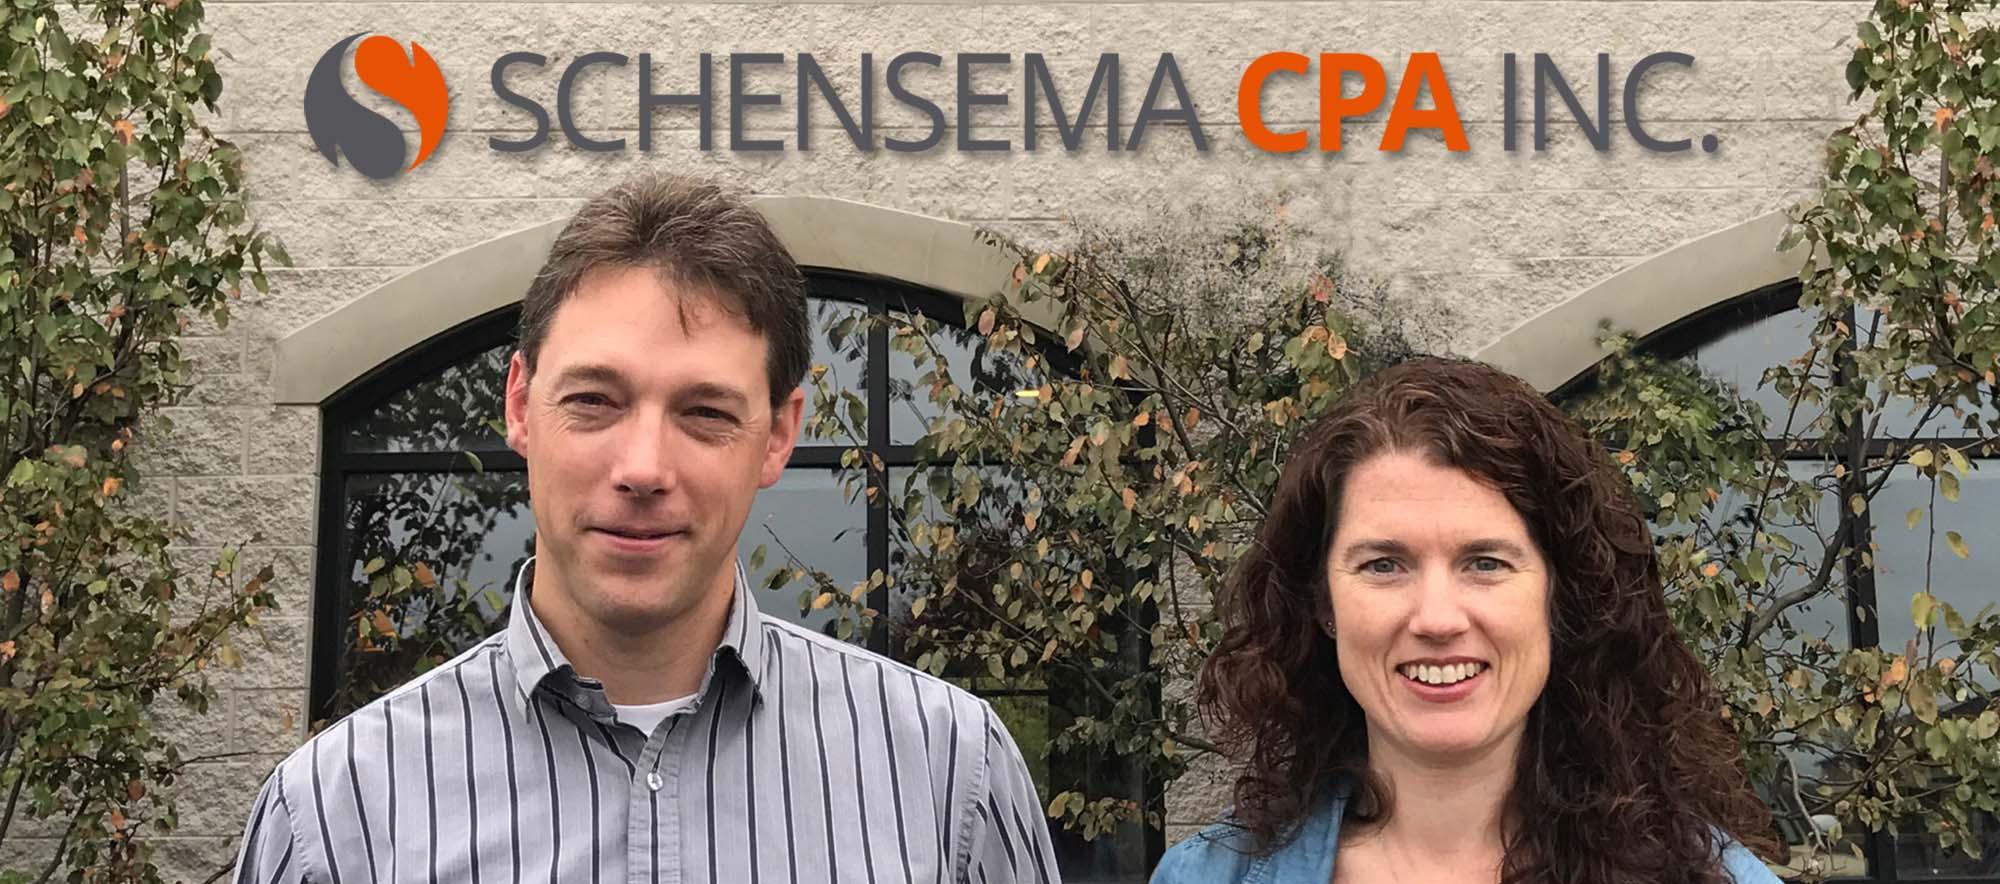 Schensema CPA West Bend